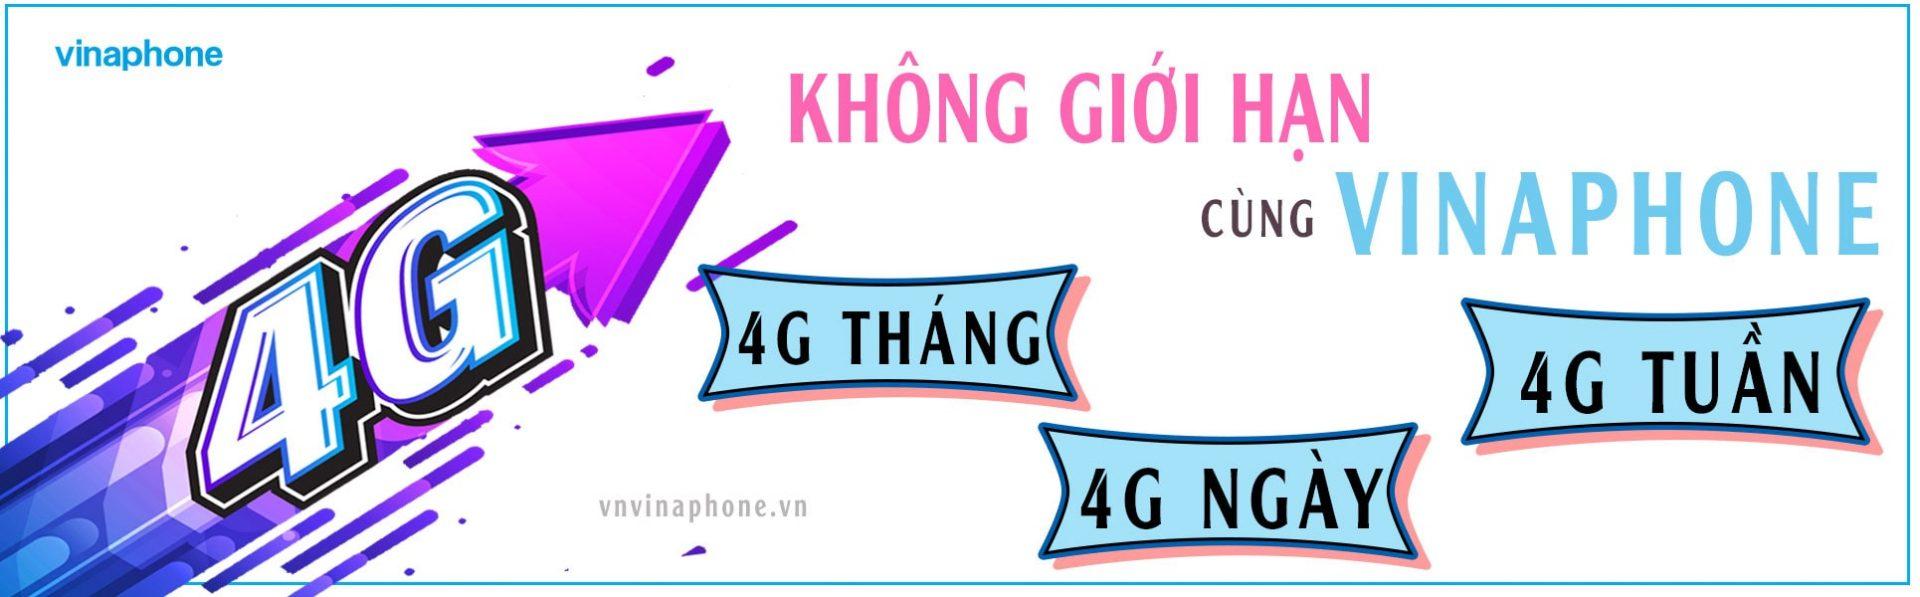 tong-hop-goi-4g-vina